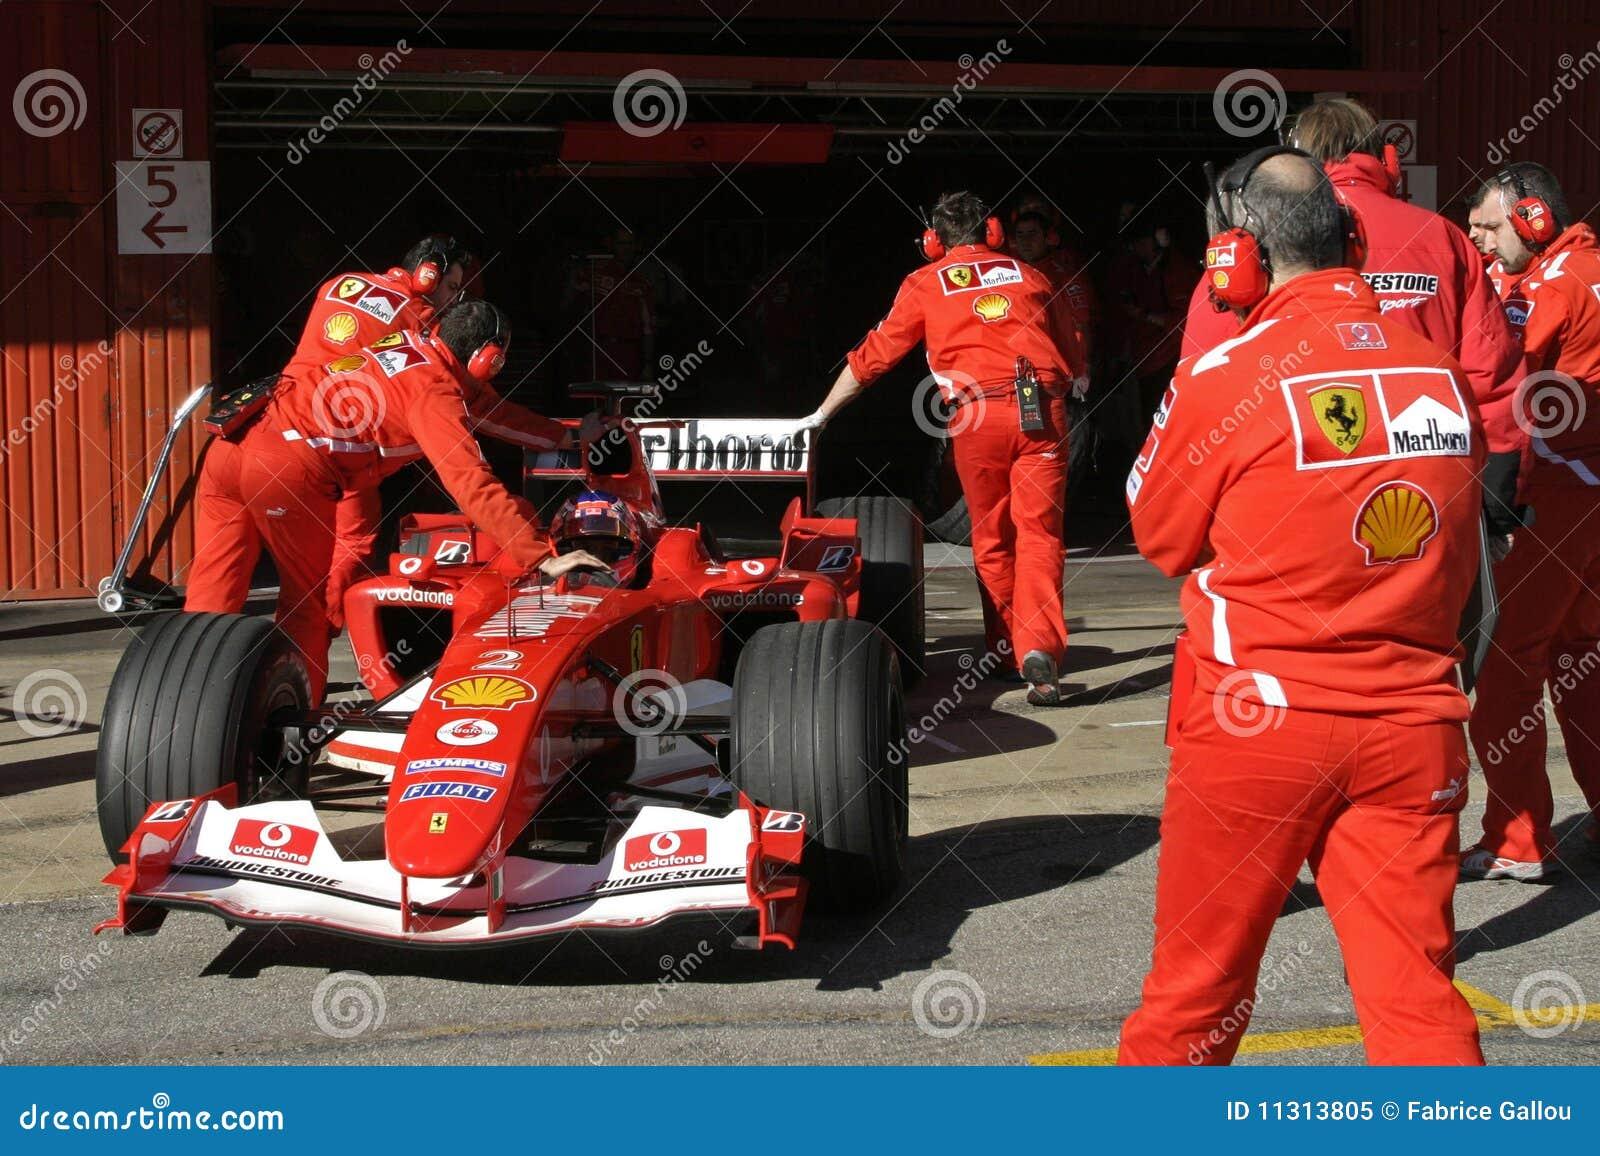 F1 2005 - Rubens Barrichello Ferrari